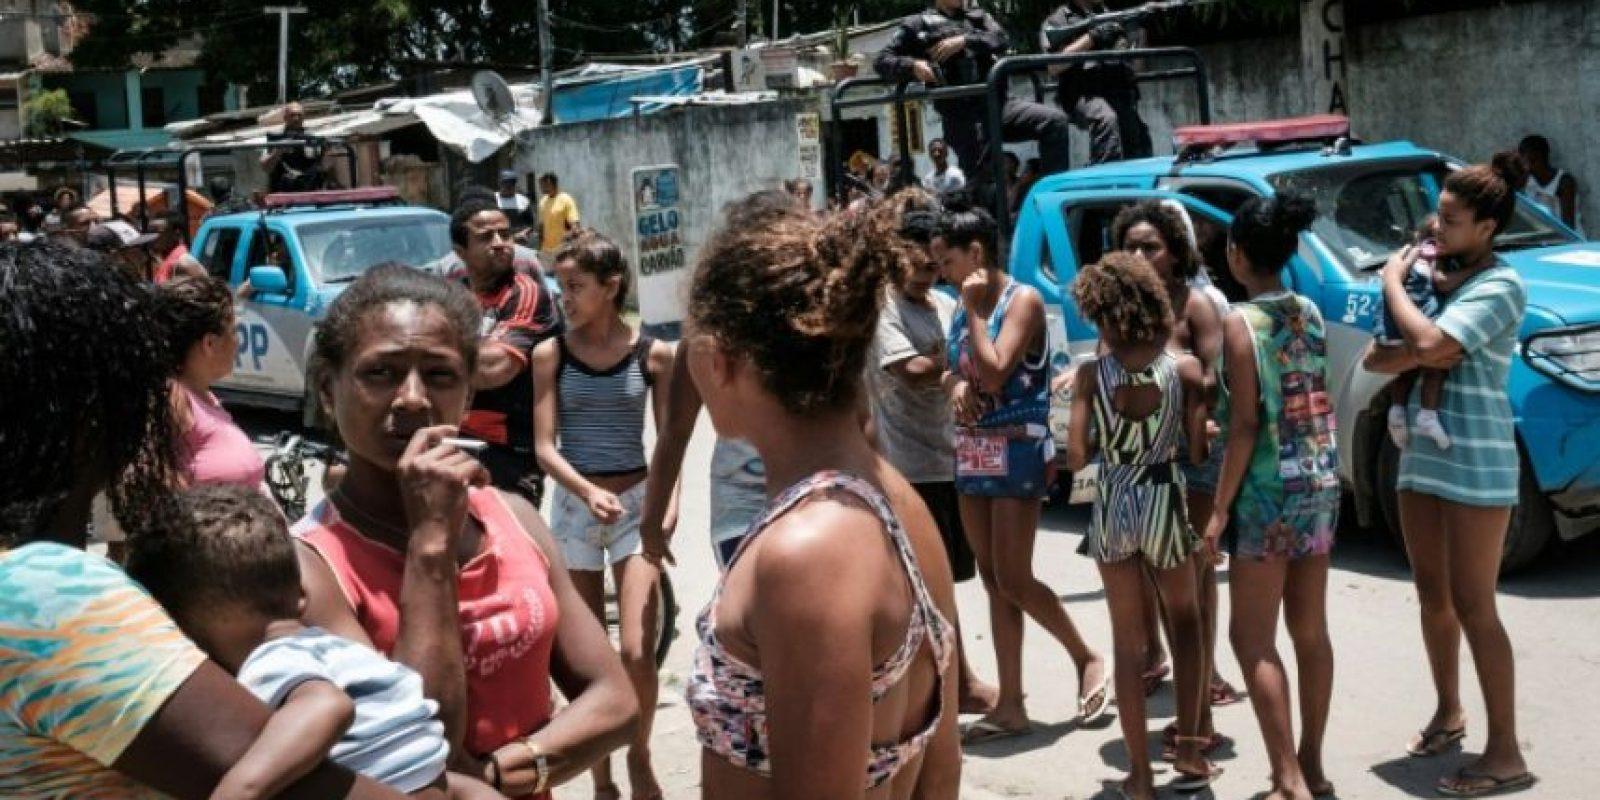 Oficiales de la policía patrullan la calles de la favela Cidade de Deus el 19 de noviembre de 2016 en Rio de Janeiro Foto:Yasuyoshi Chiba/afp.com